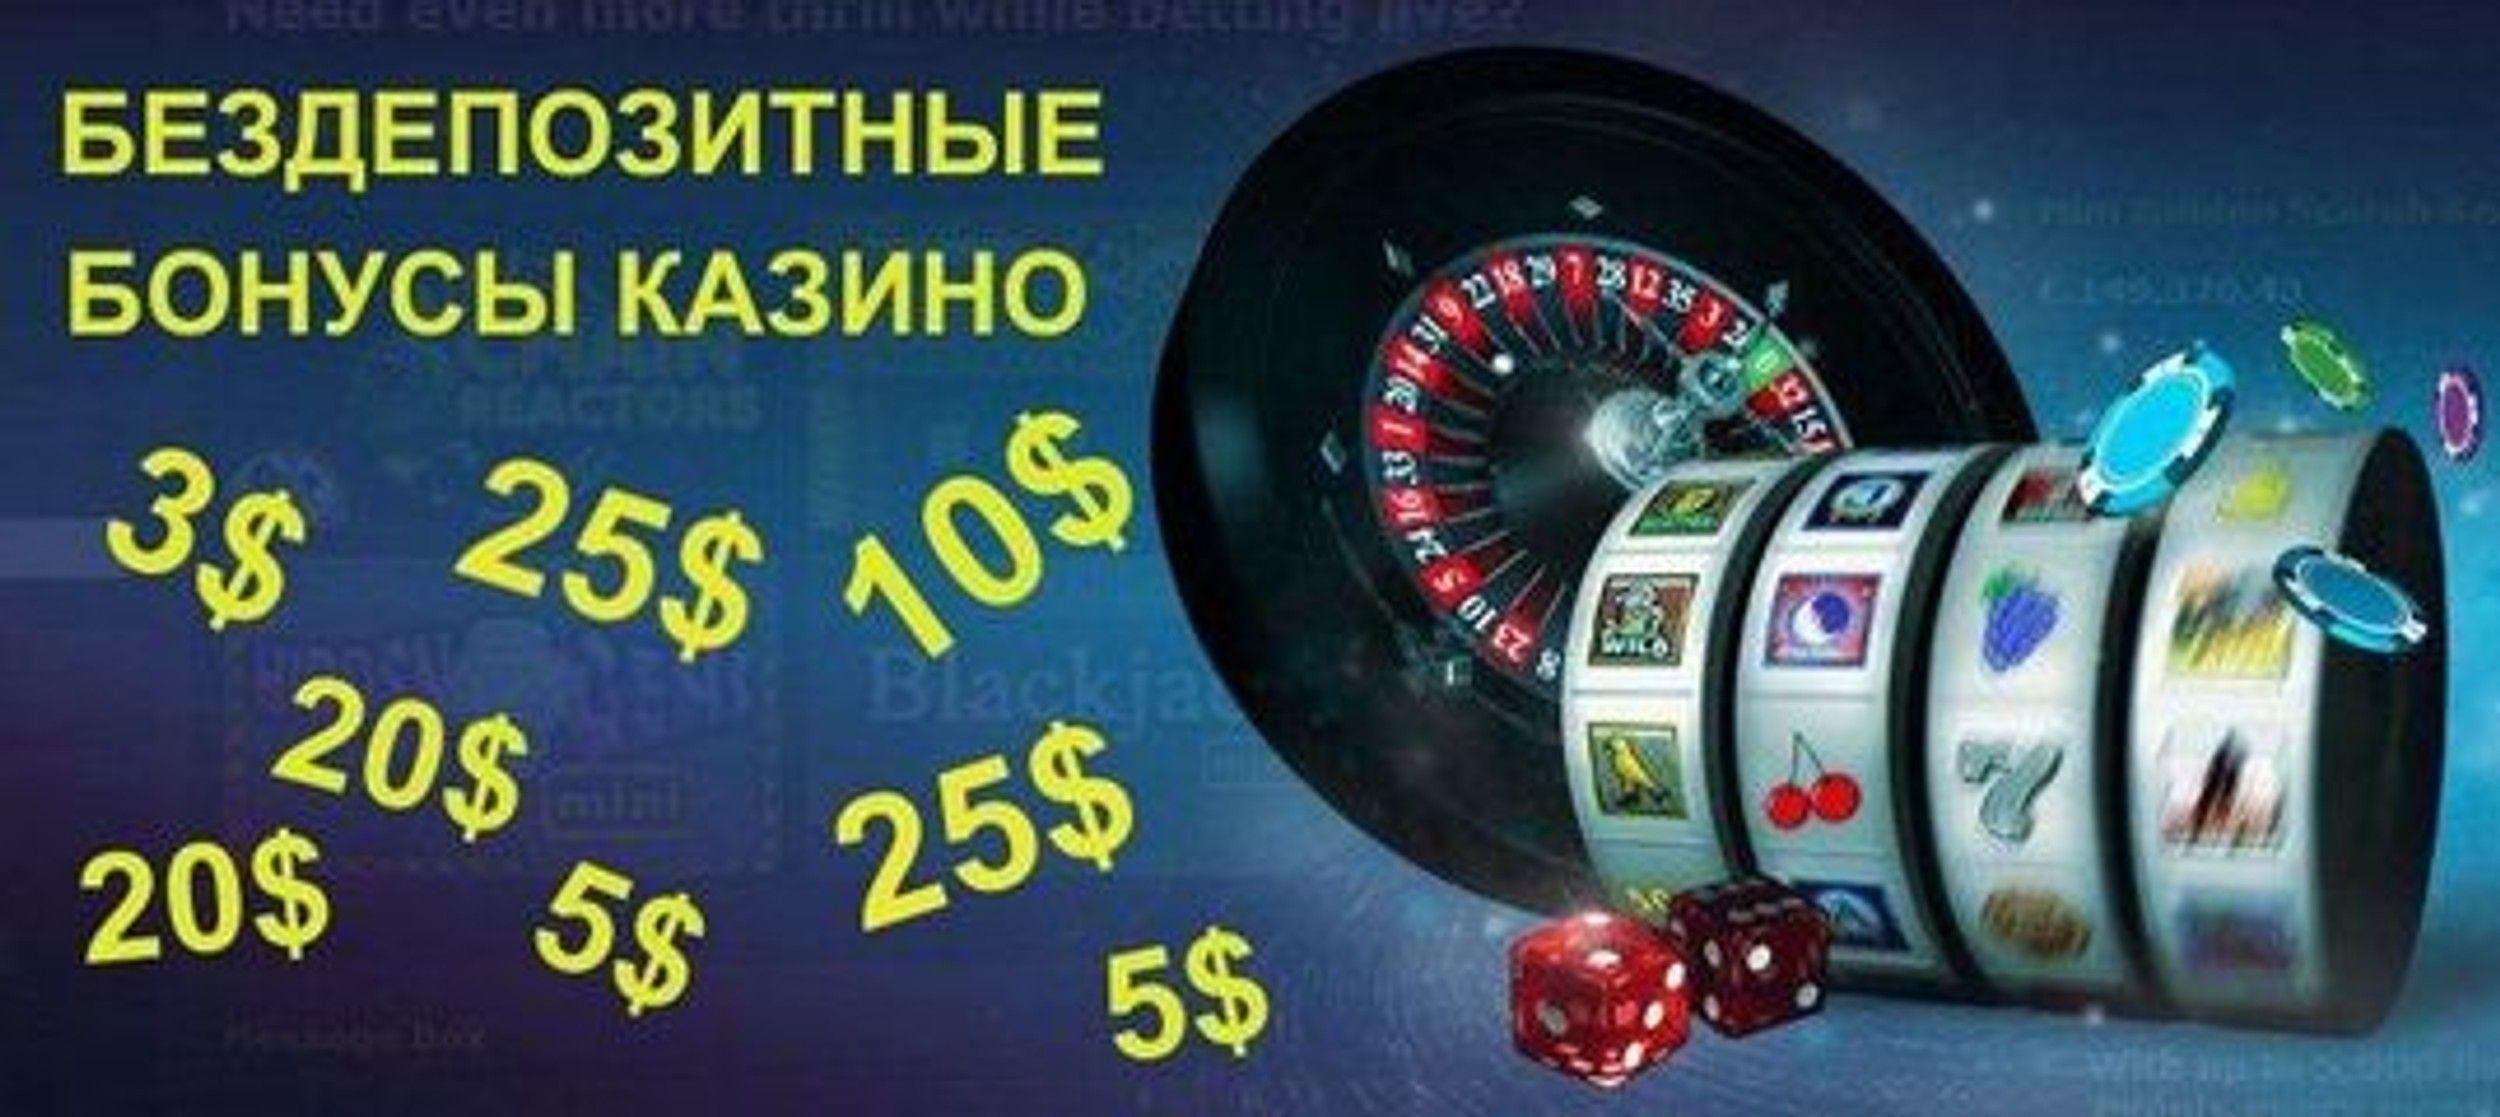 Онлайн покер на деньги с бонусом интернет карты i играть